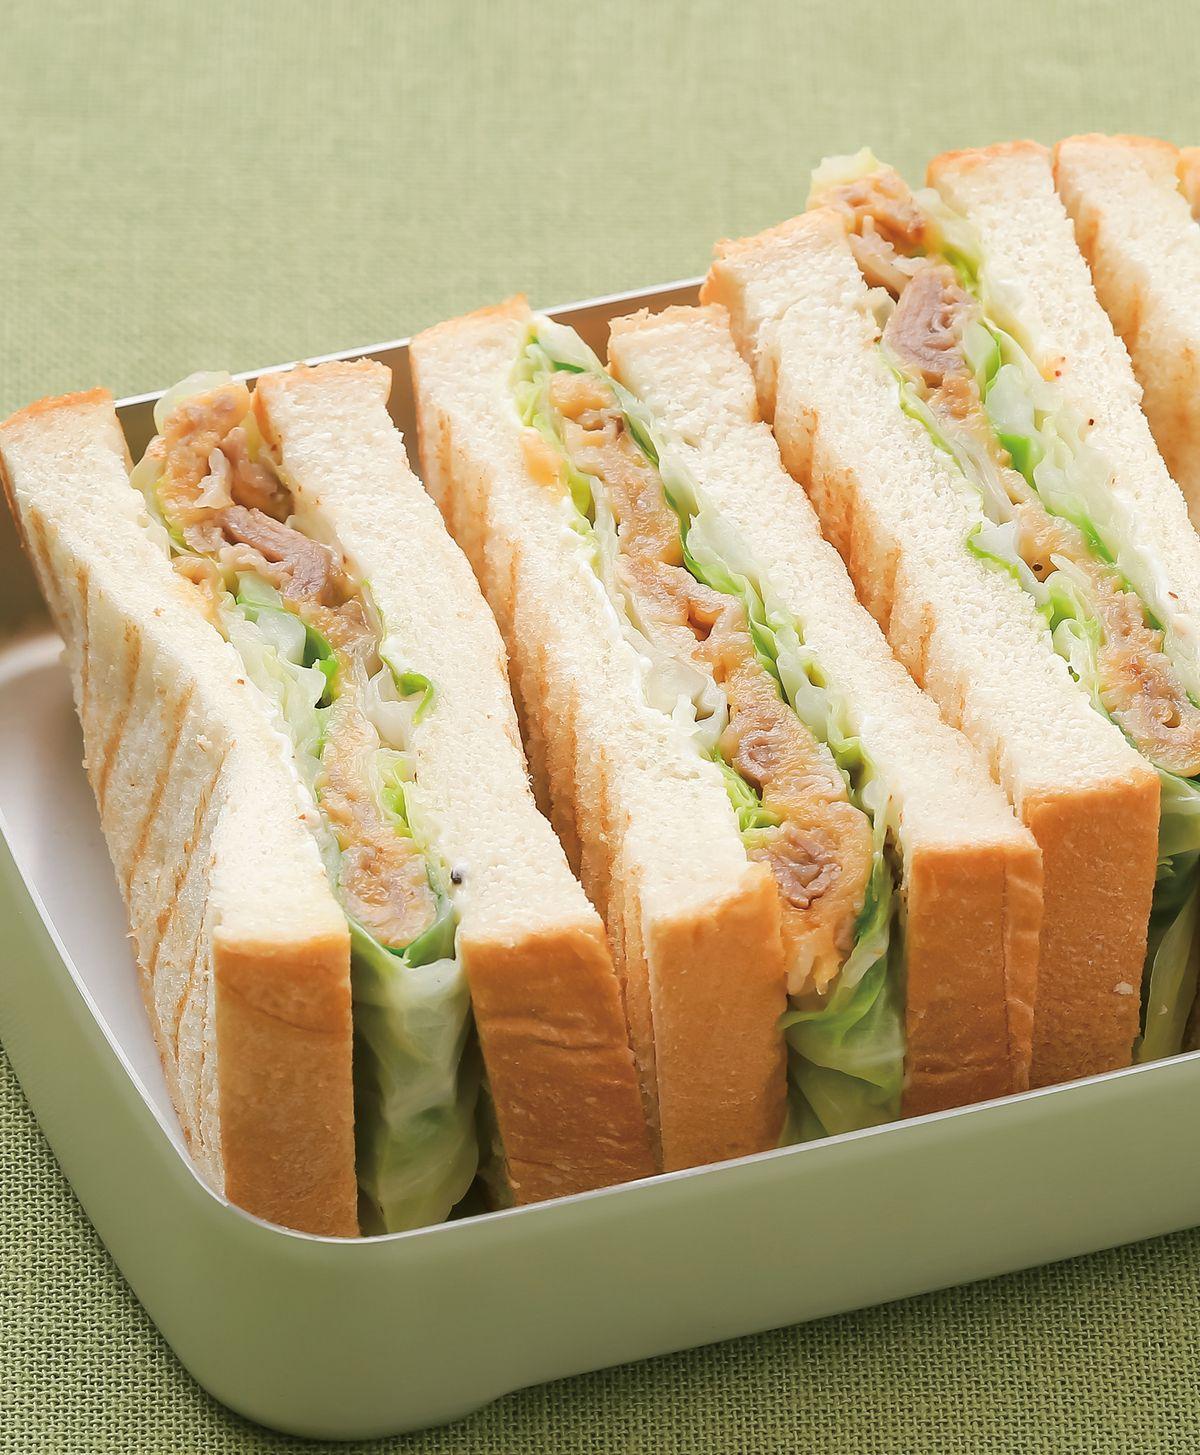 食譜:高麗菜乳酪卷三明治